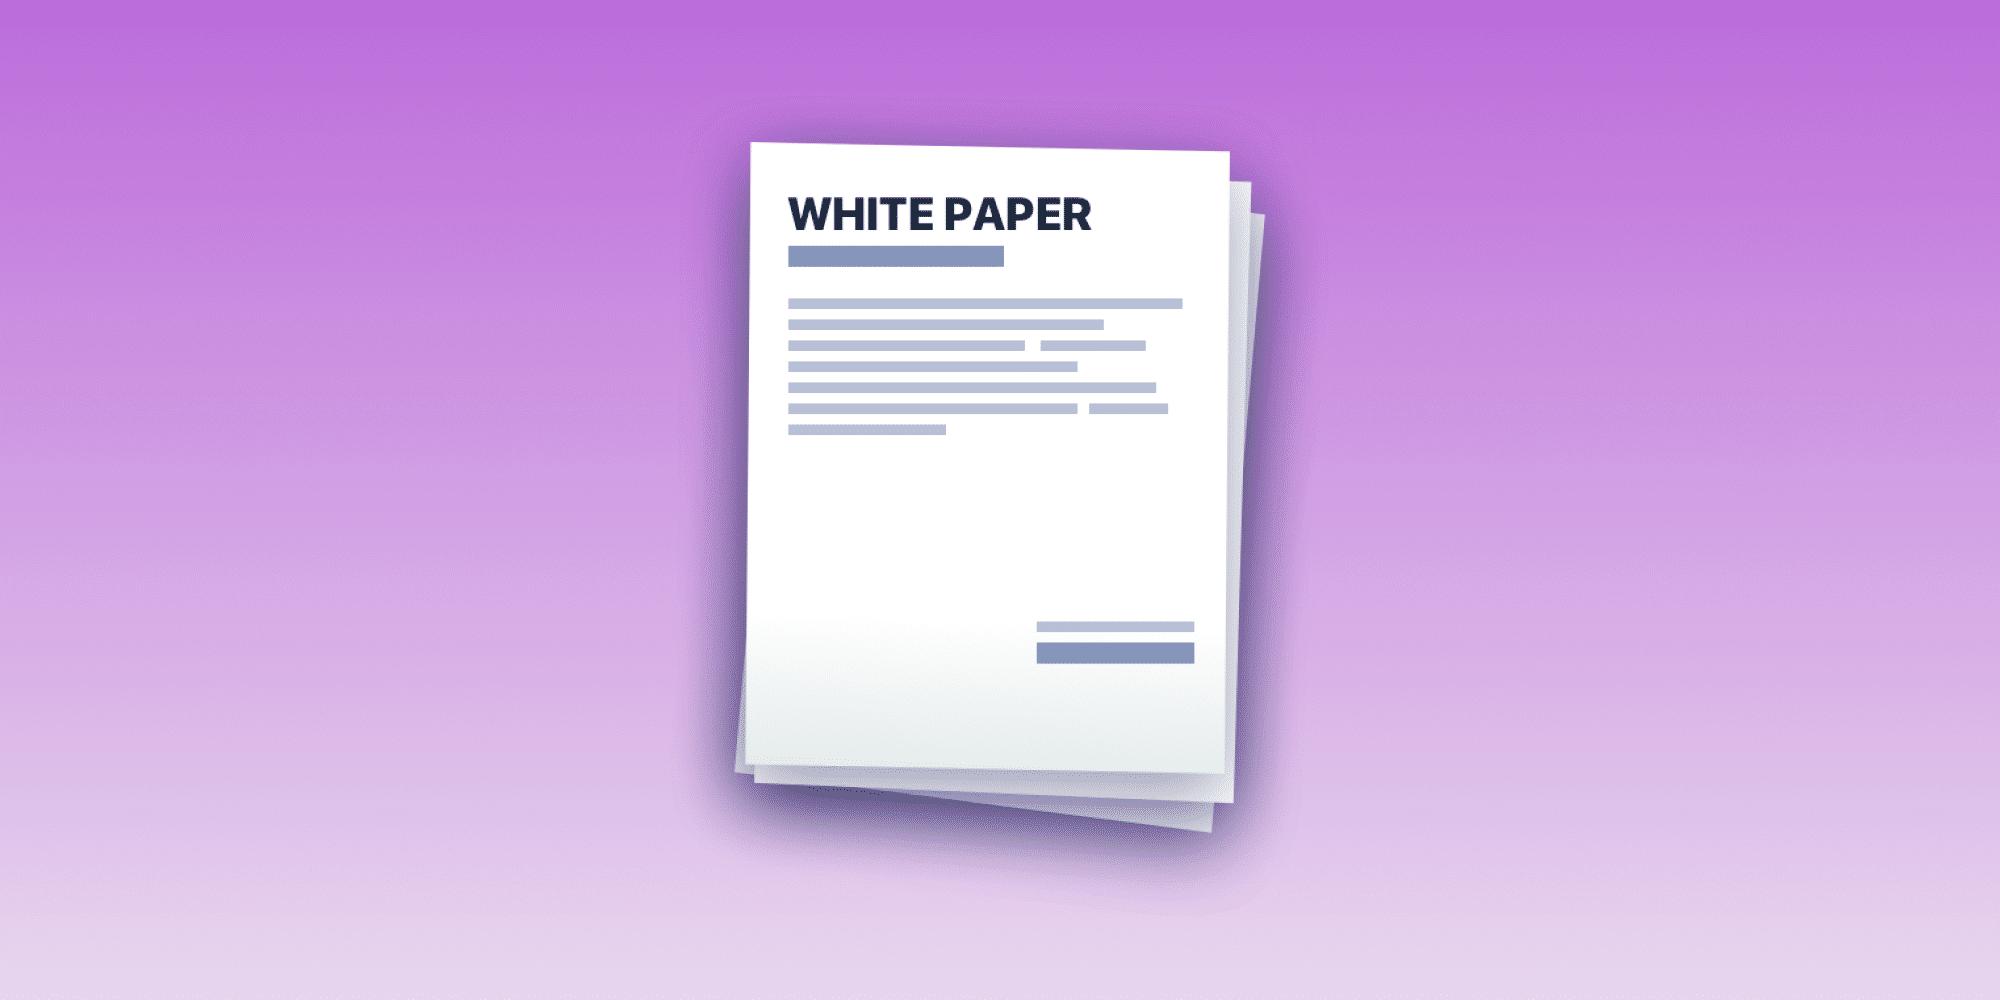 ما هي الورقة البيضاء او الوثيقة البيضاء في العملات المشفرة و البلوكشين